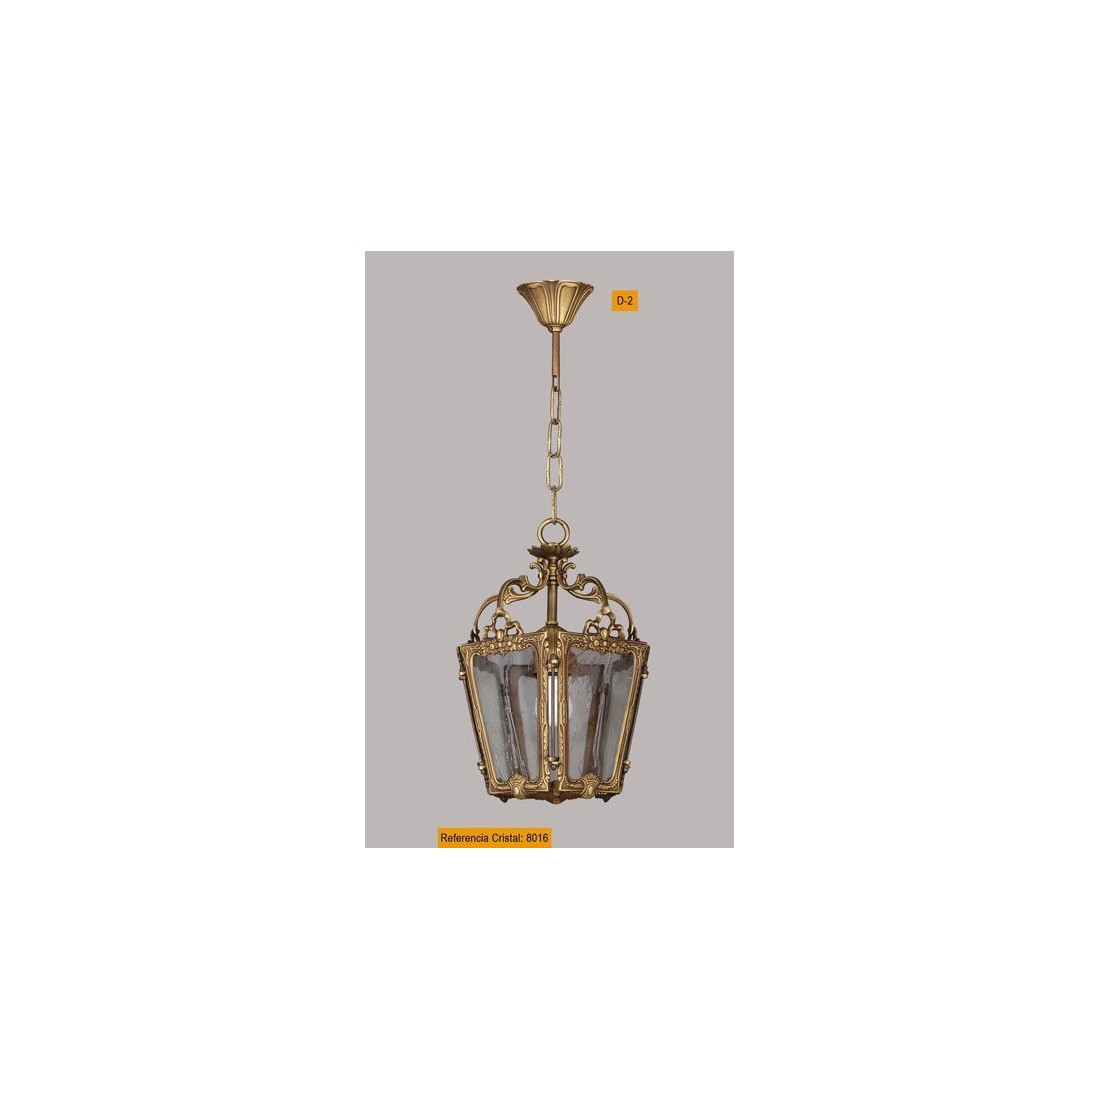 L mpara cl sica de bronce con tulipa de cristal de murano - Lamparas clasicas de techo ...